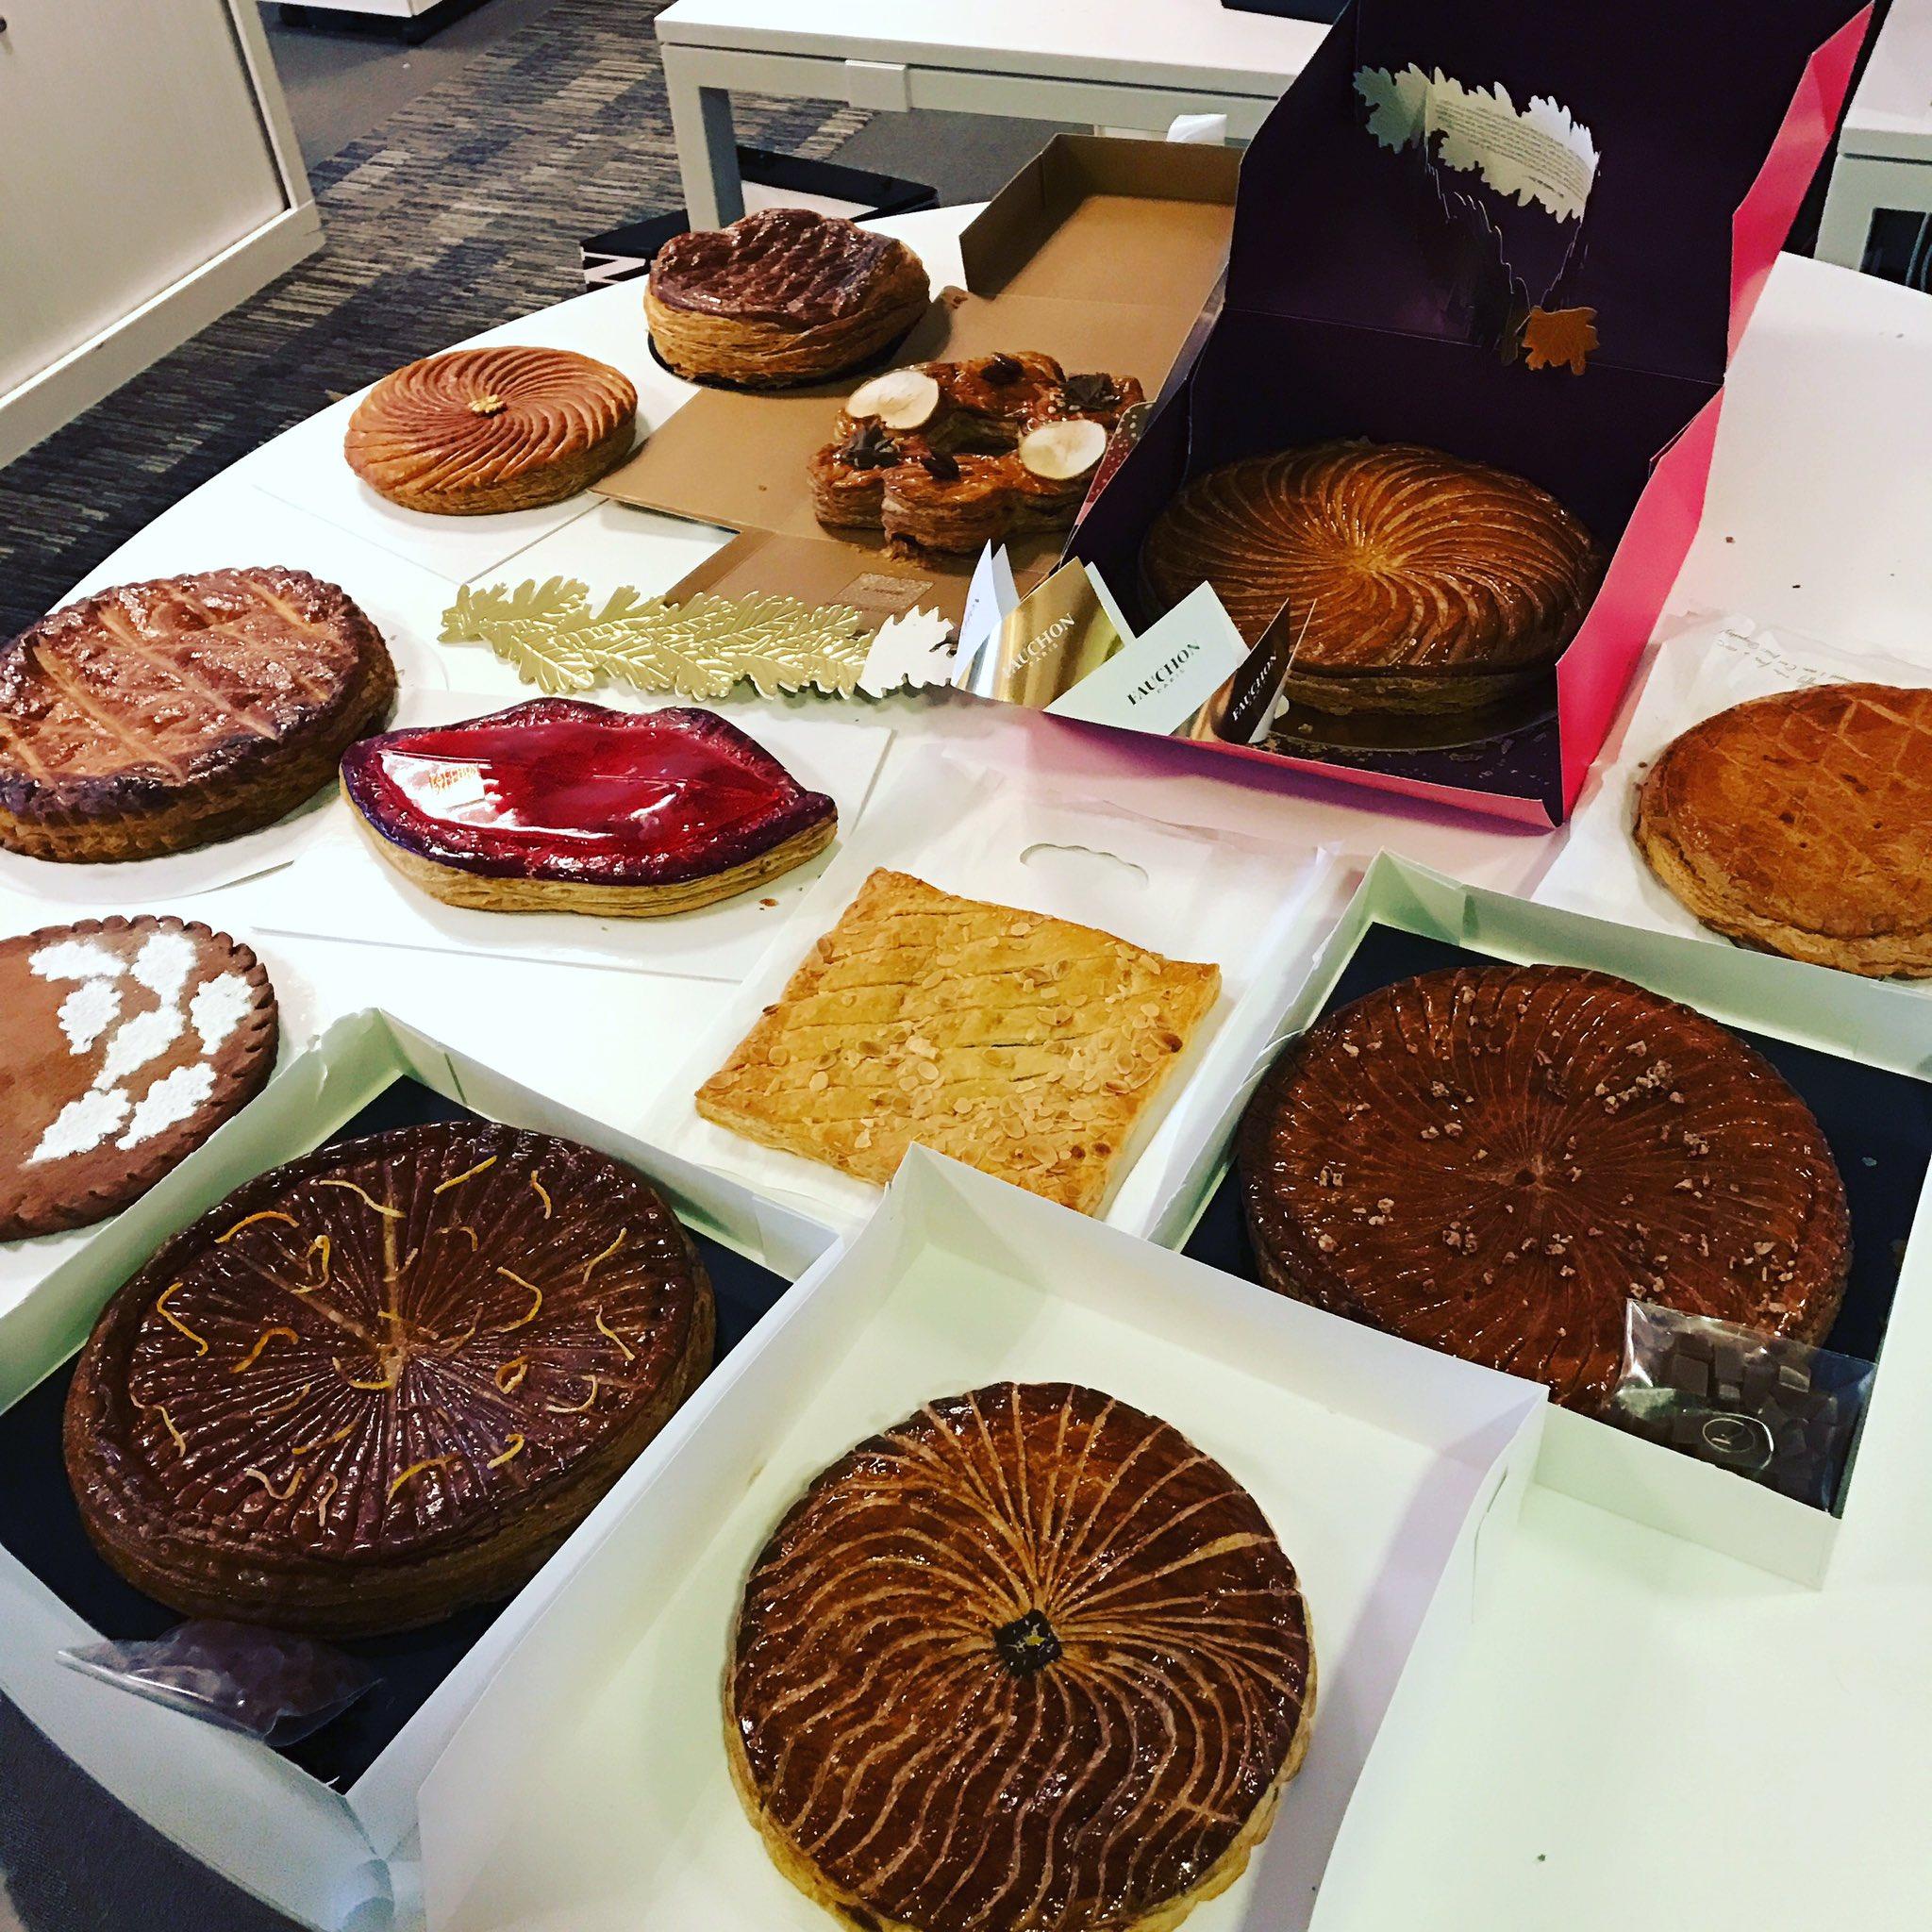 J'ai reçu 12 galettes au bureau : je suis de looooin la personne préférée de tout @grazia_fr aujourd'hui ✌️✌️#galettedesrois https://t.co/vZacmVpX7V